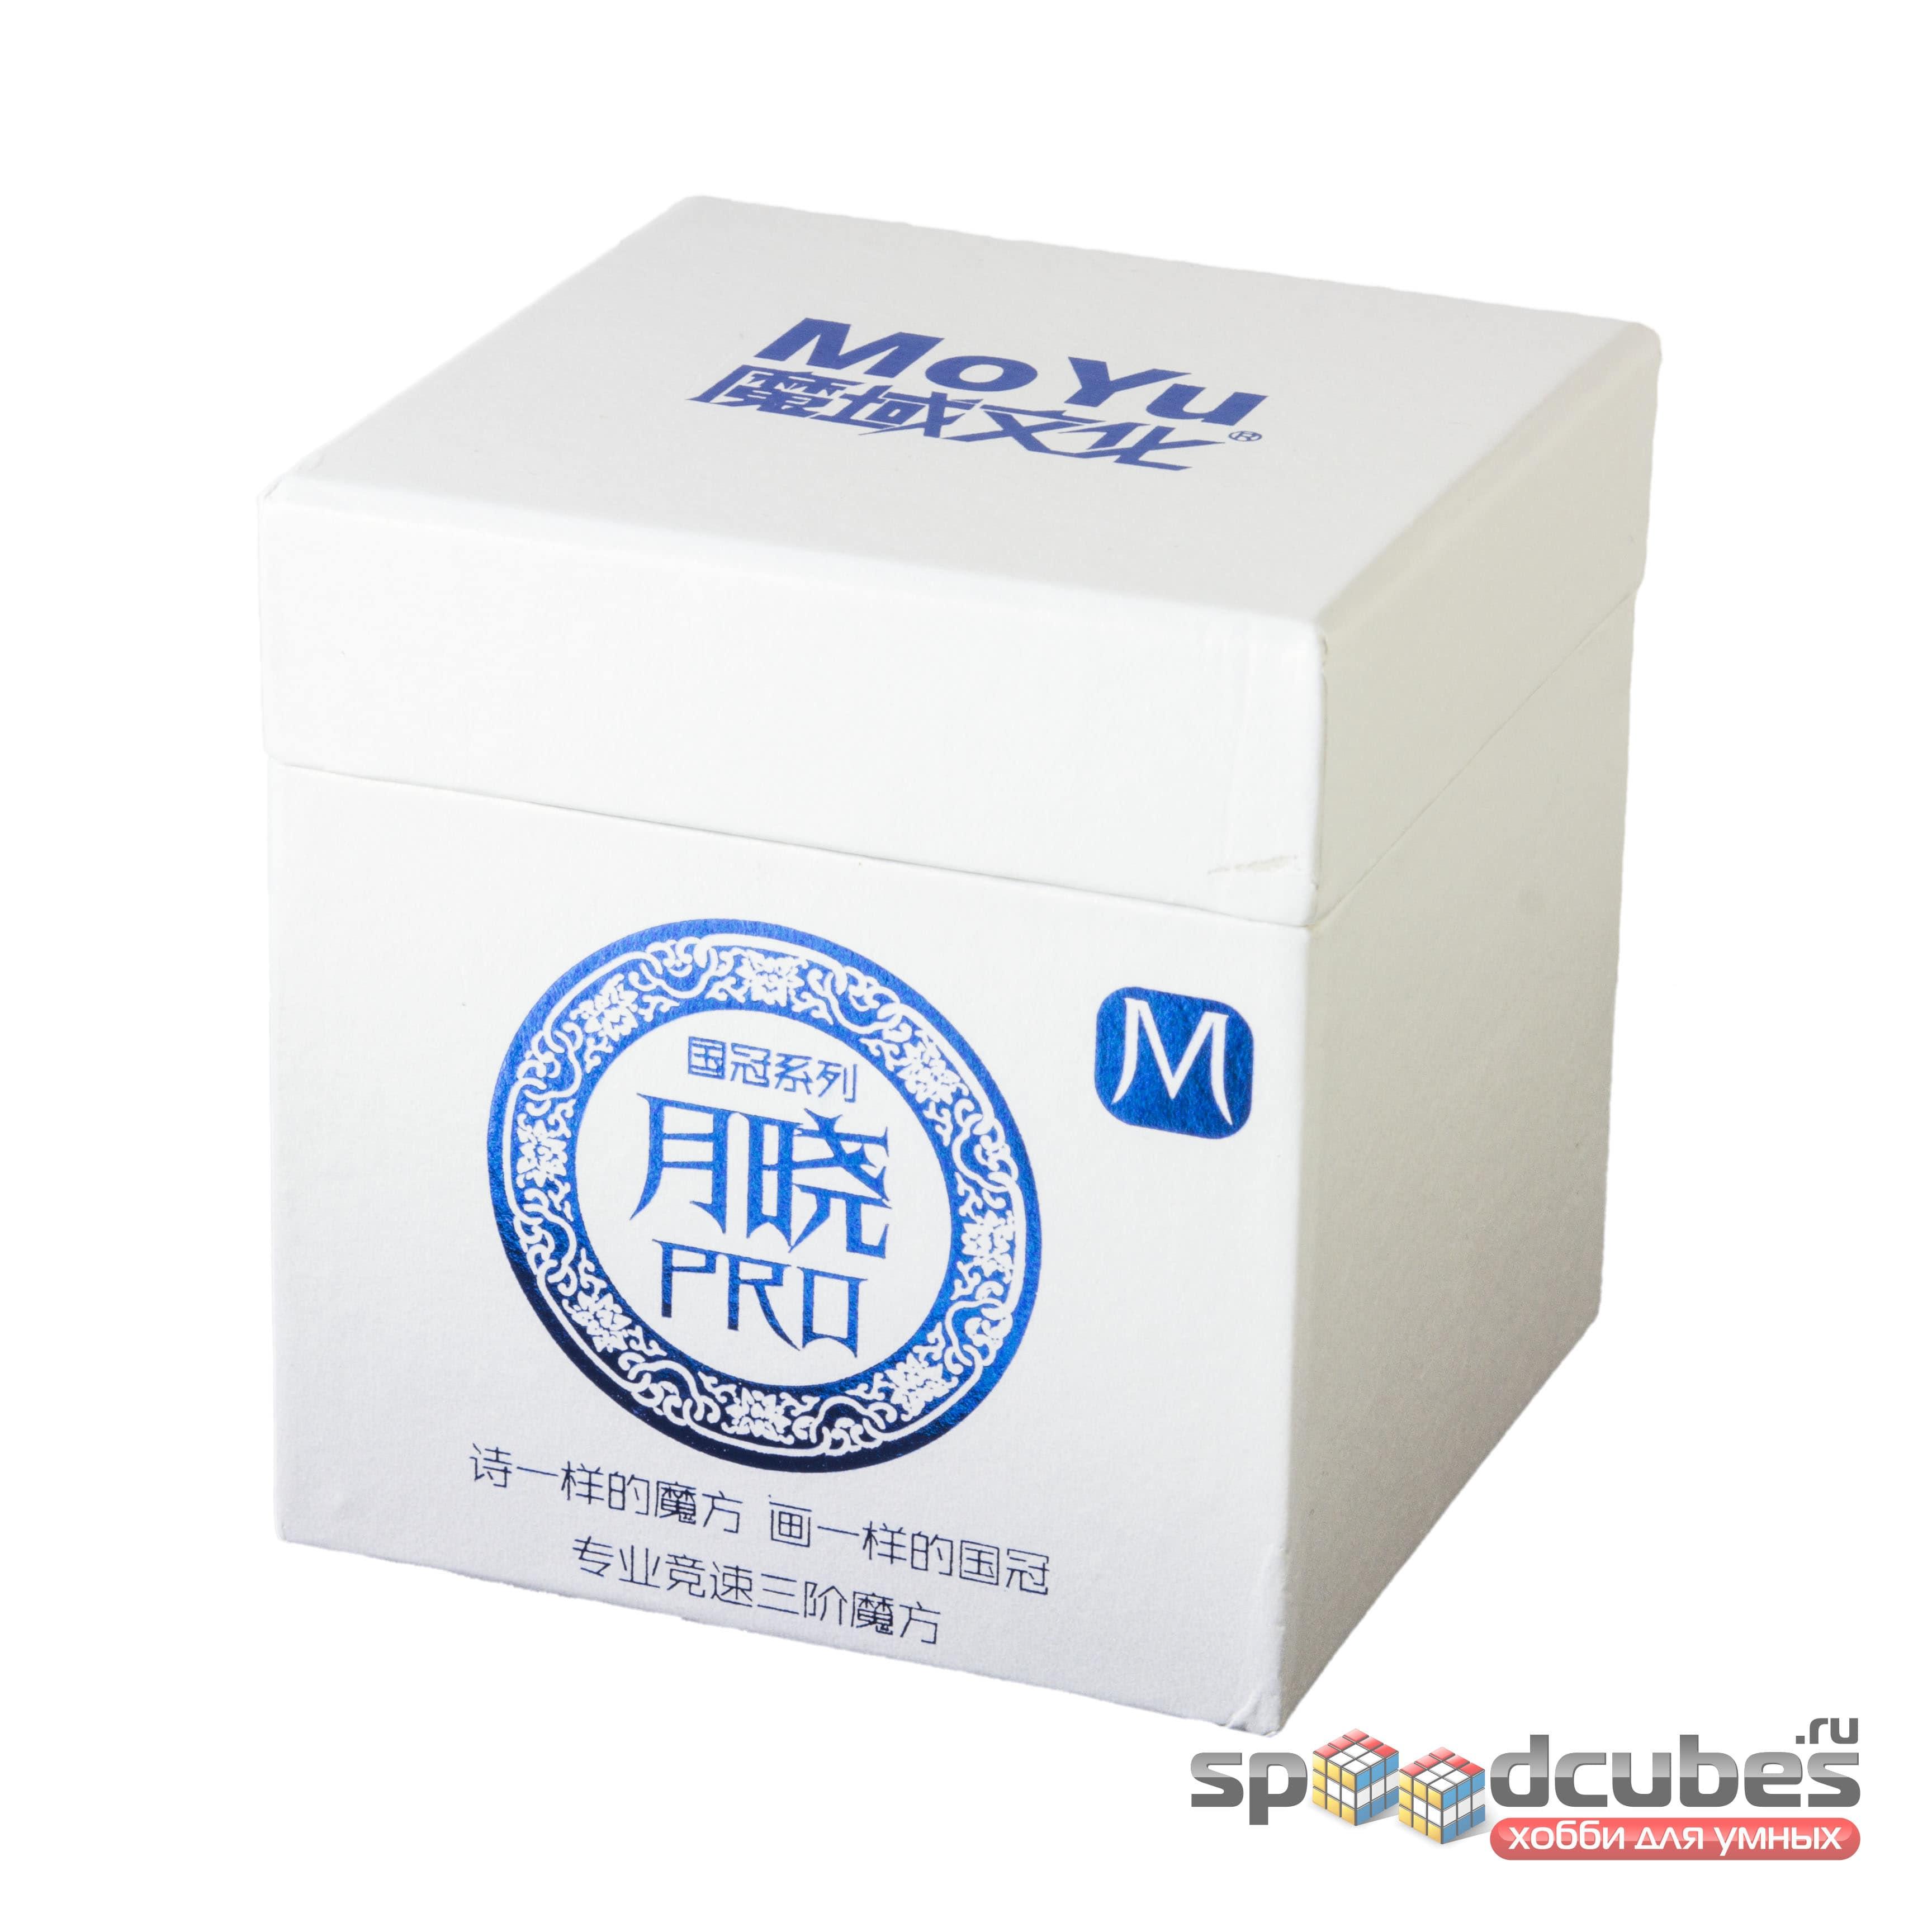 Moyu_3x3x3_guoguan_yuexiao_pro_m_2